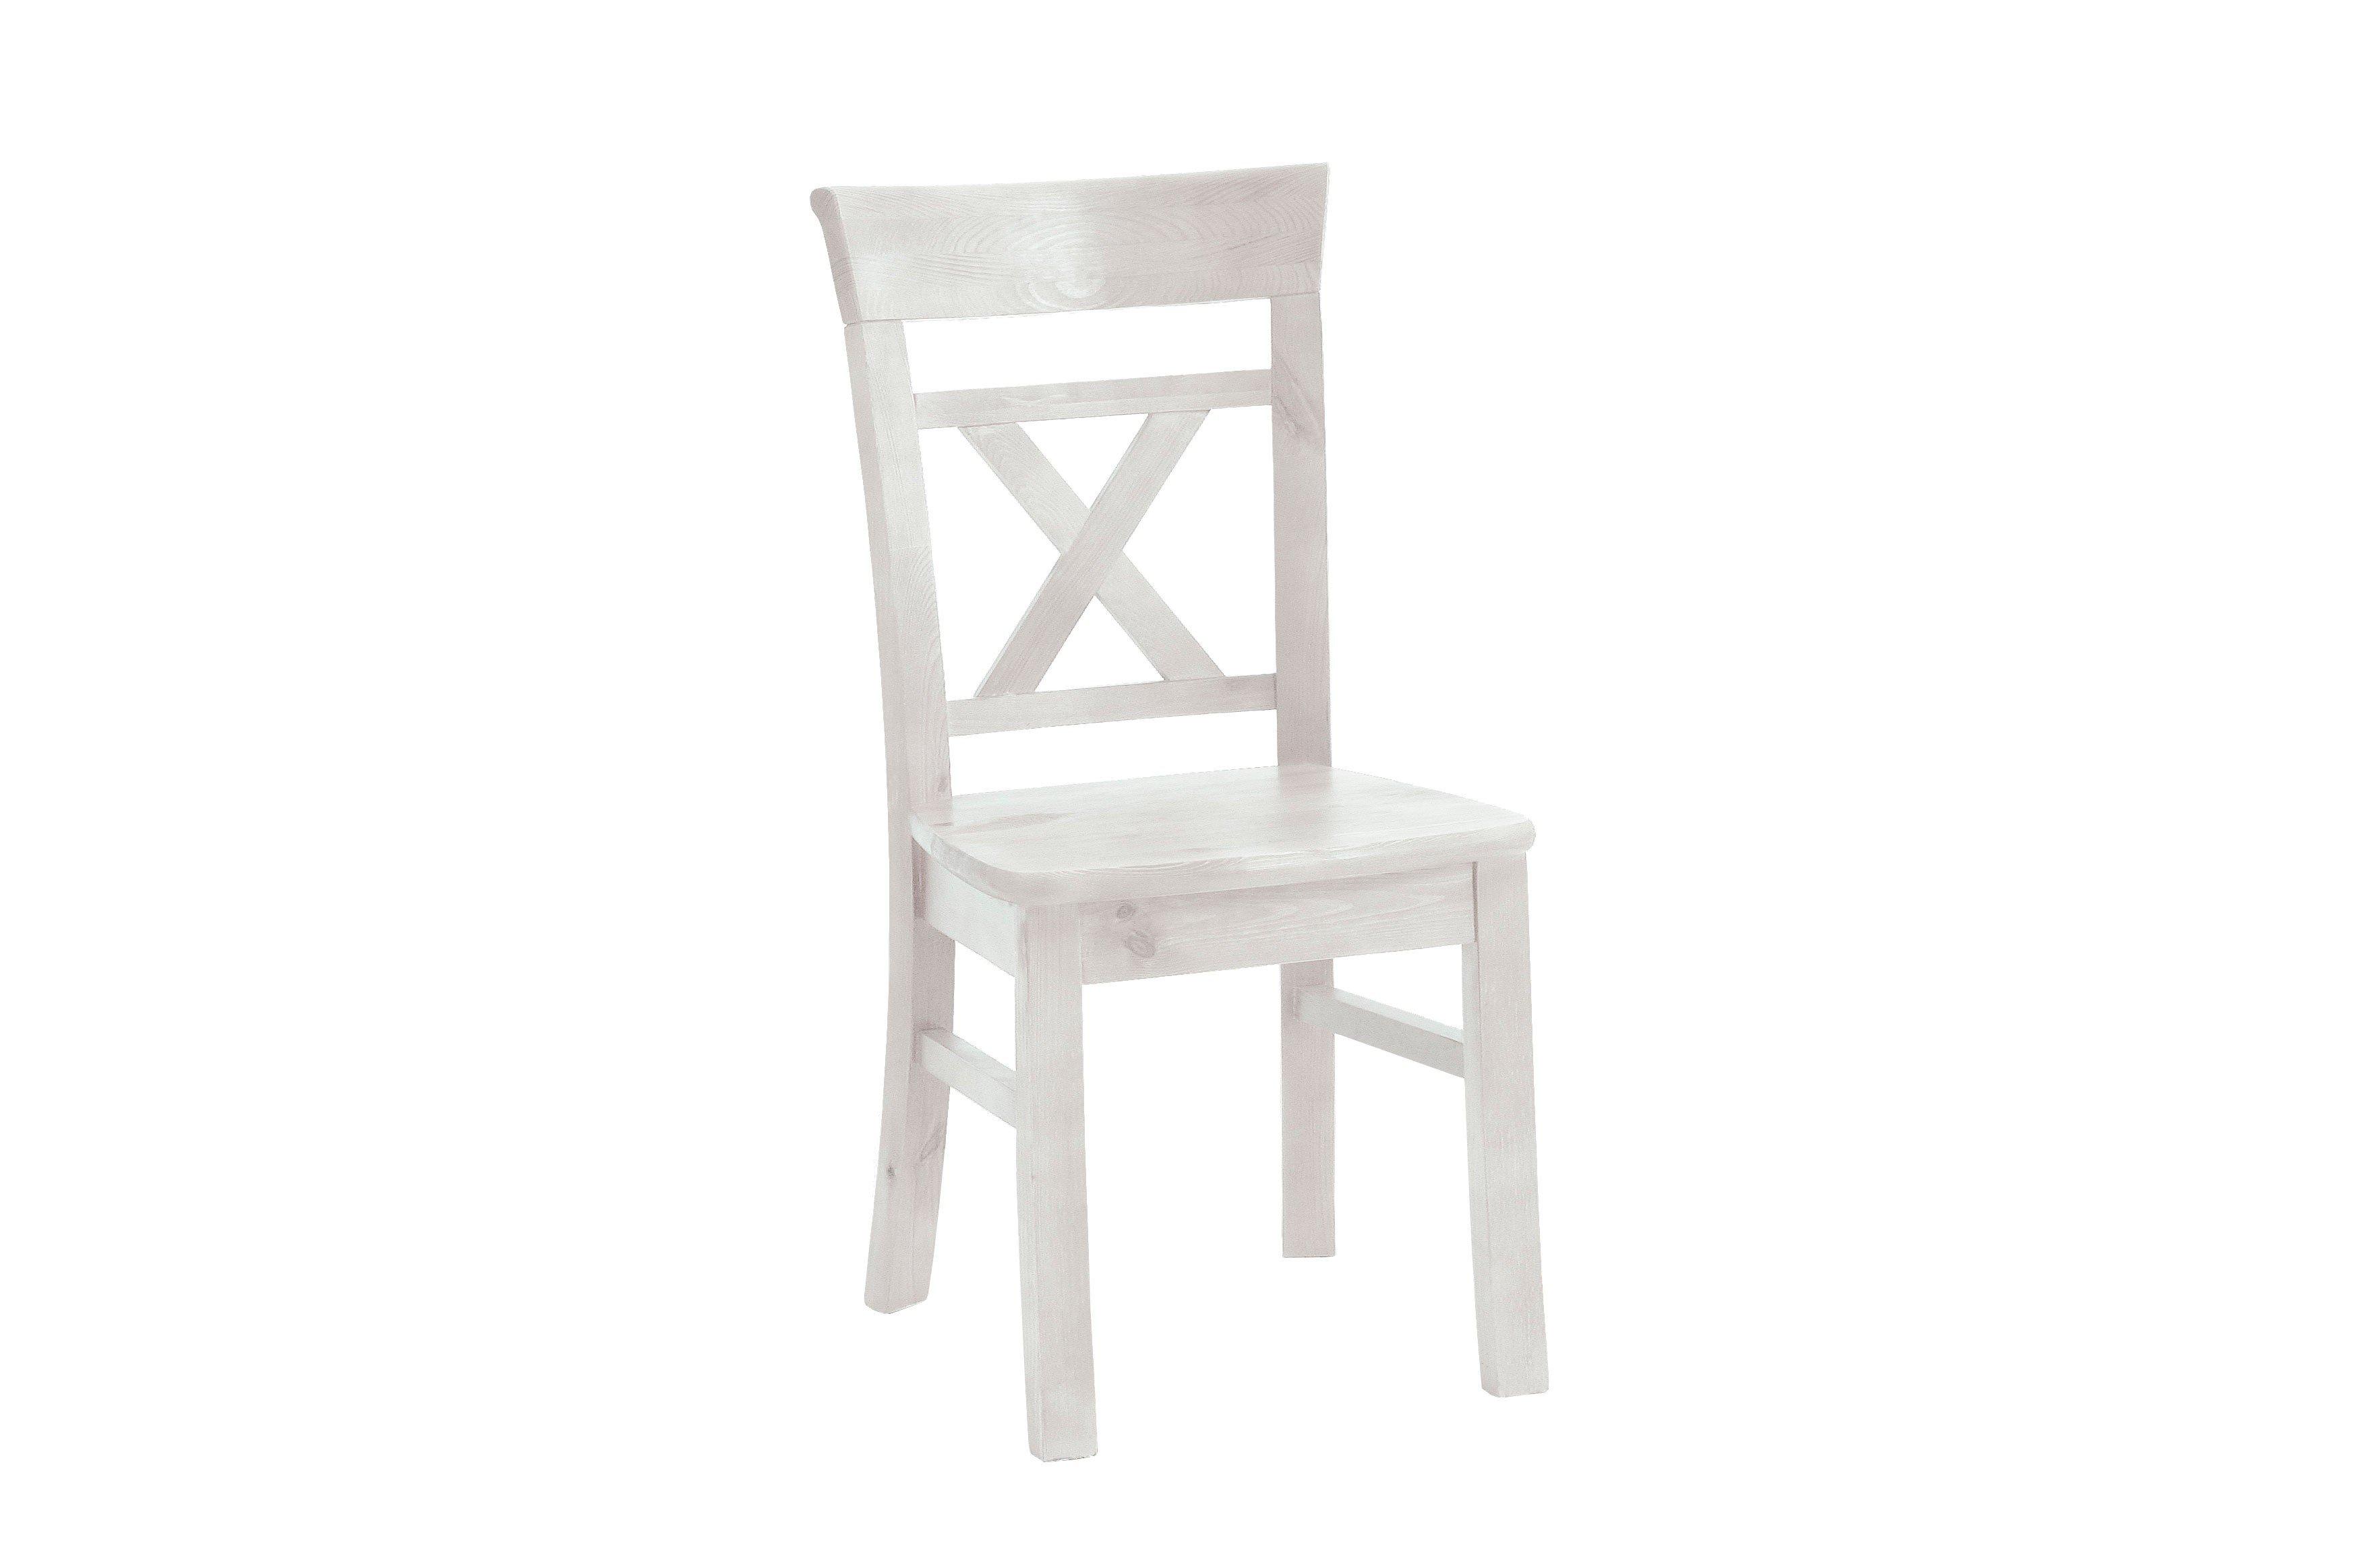 Bemerkenswert Weisse Stühle Beste Wahl Boston Von Euro Ion - Stuhl In